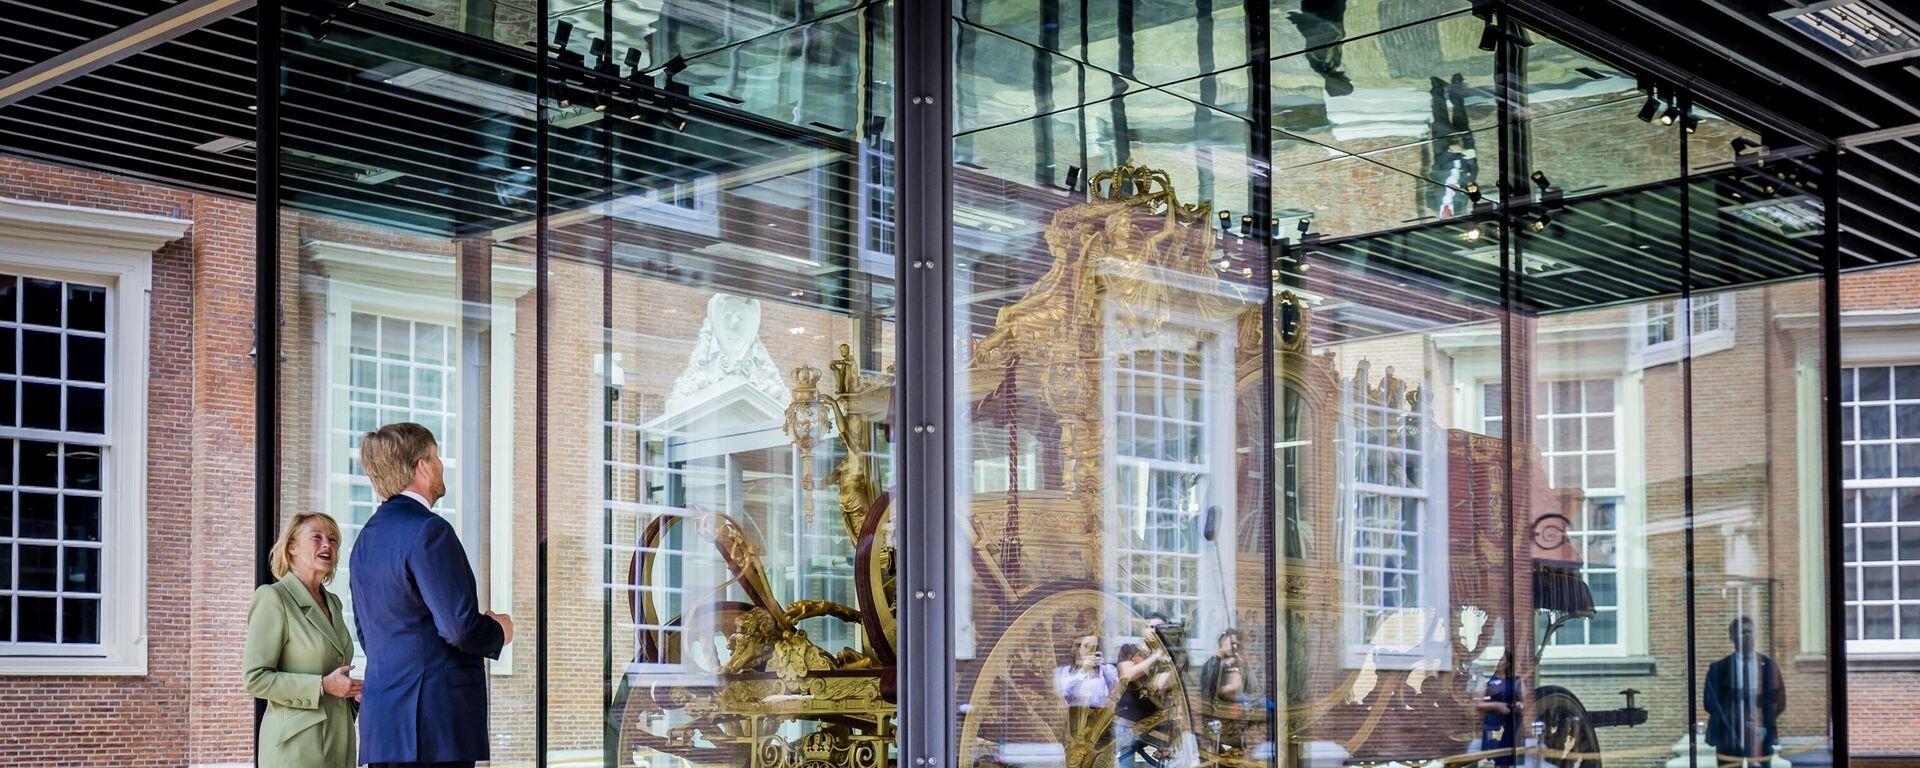 Король Виллем-Александр смотрит на Золотую карету ('Gouden Koets') во время открытия выставки в Амстердамском музее - Sputnik Таджикистан, 1920, 15.09.2021